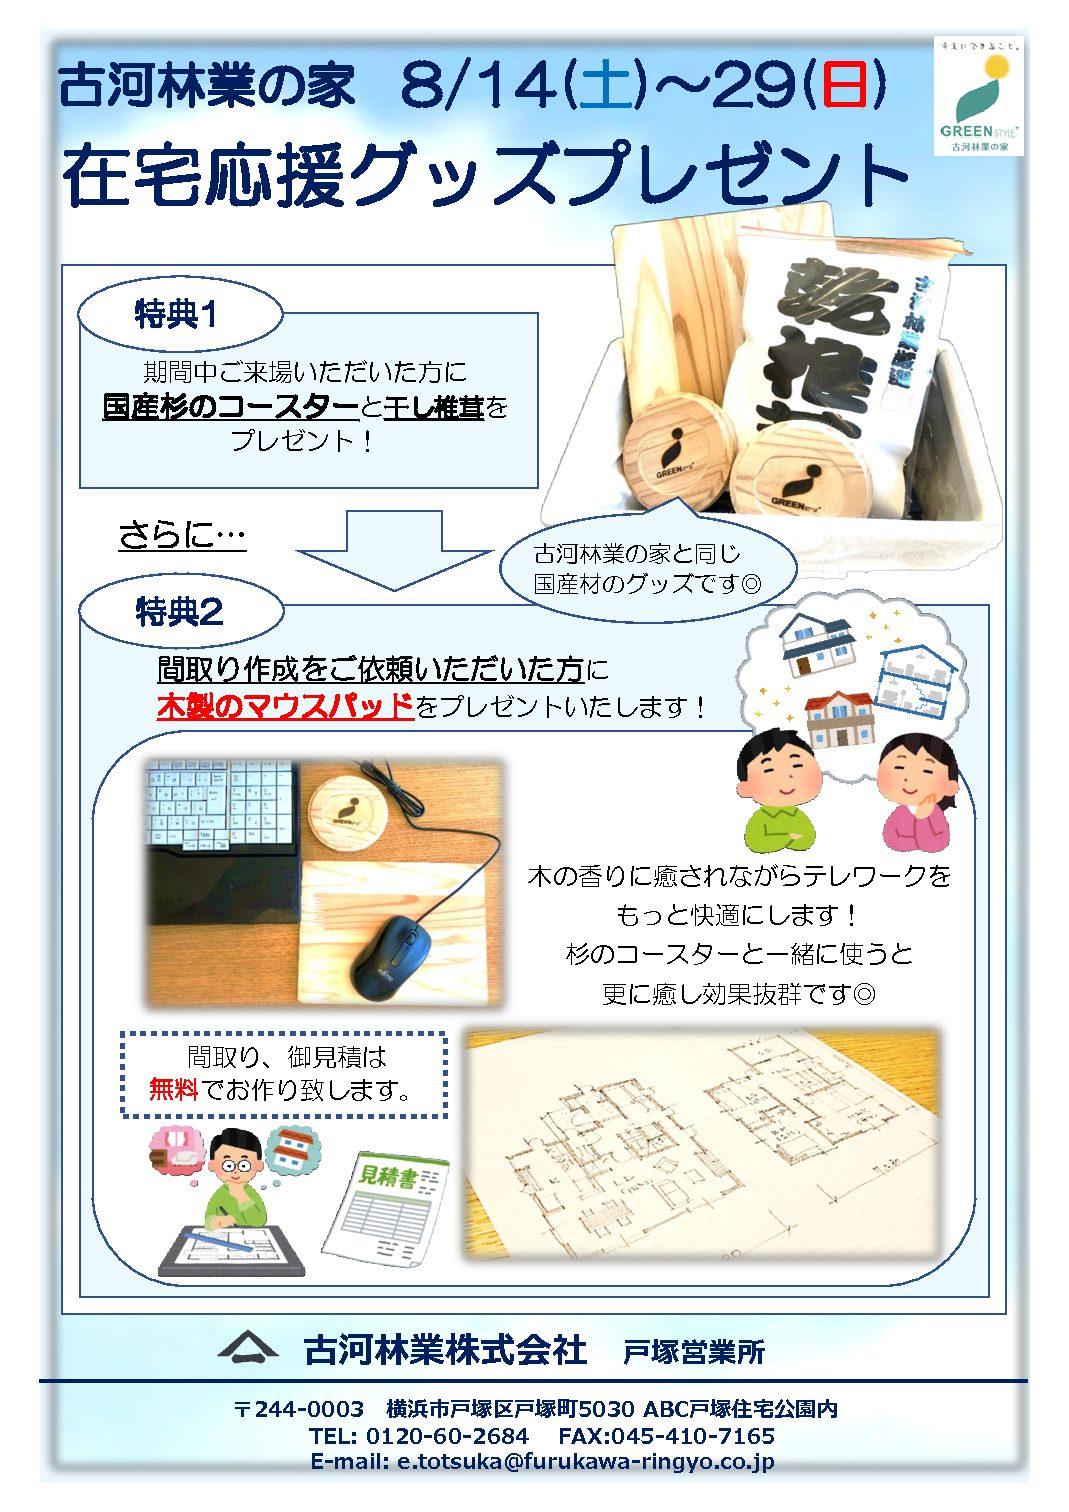 在宅応援グッズプレゼント【戸塚】